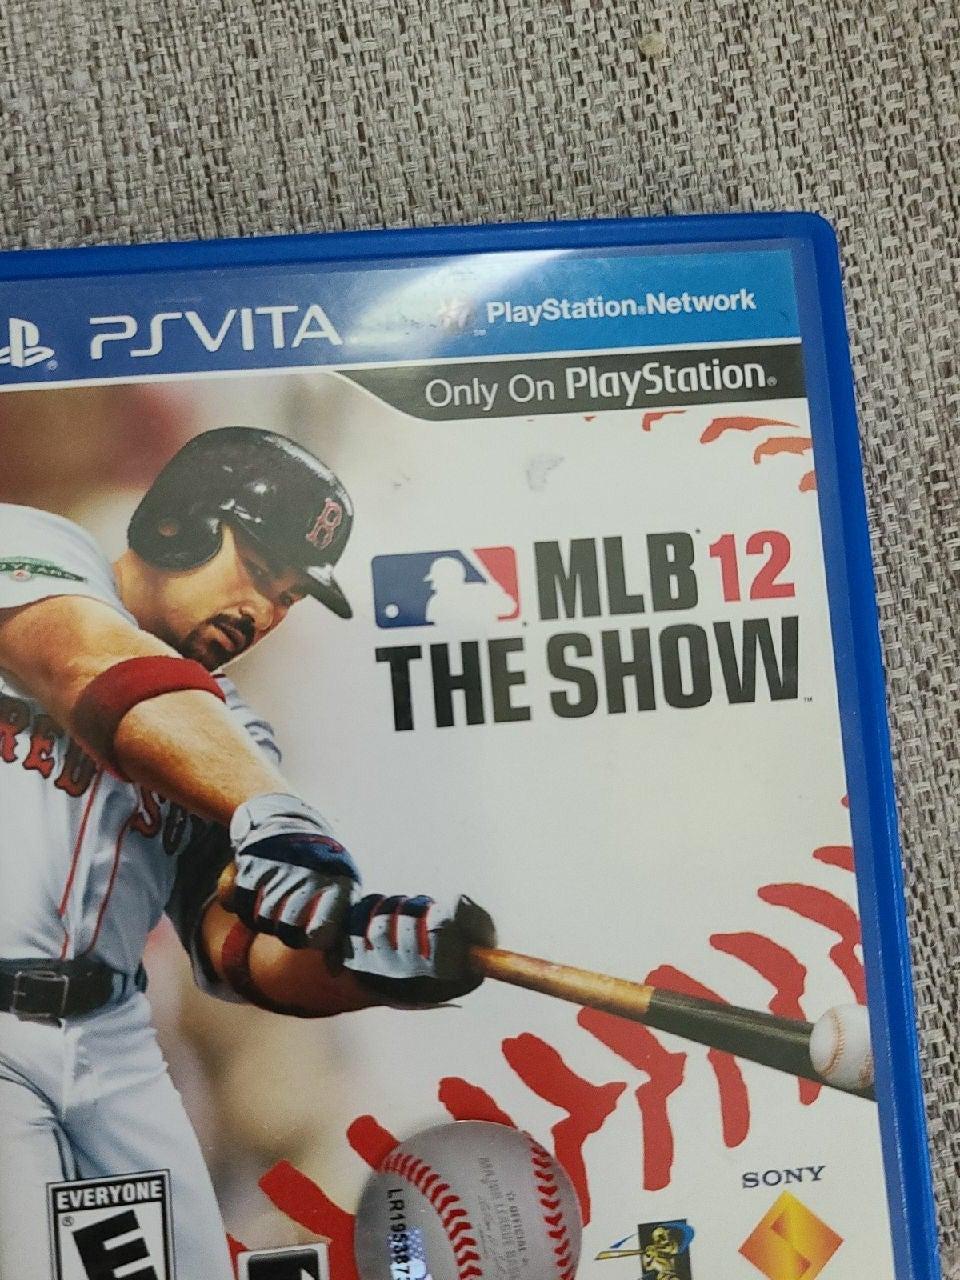 MLB 12 ps vita